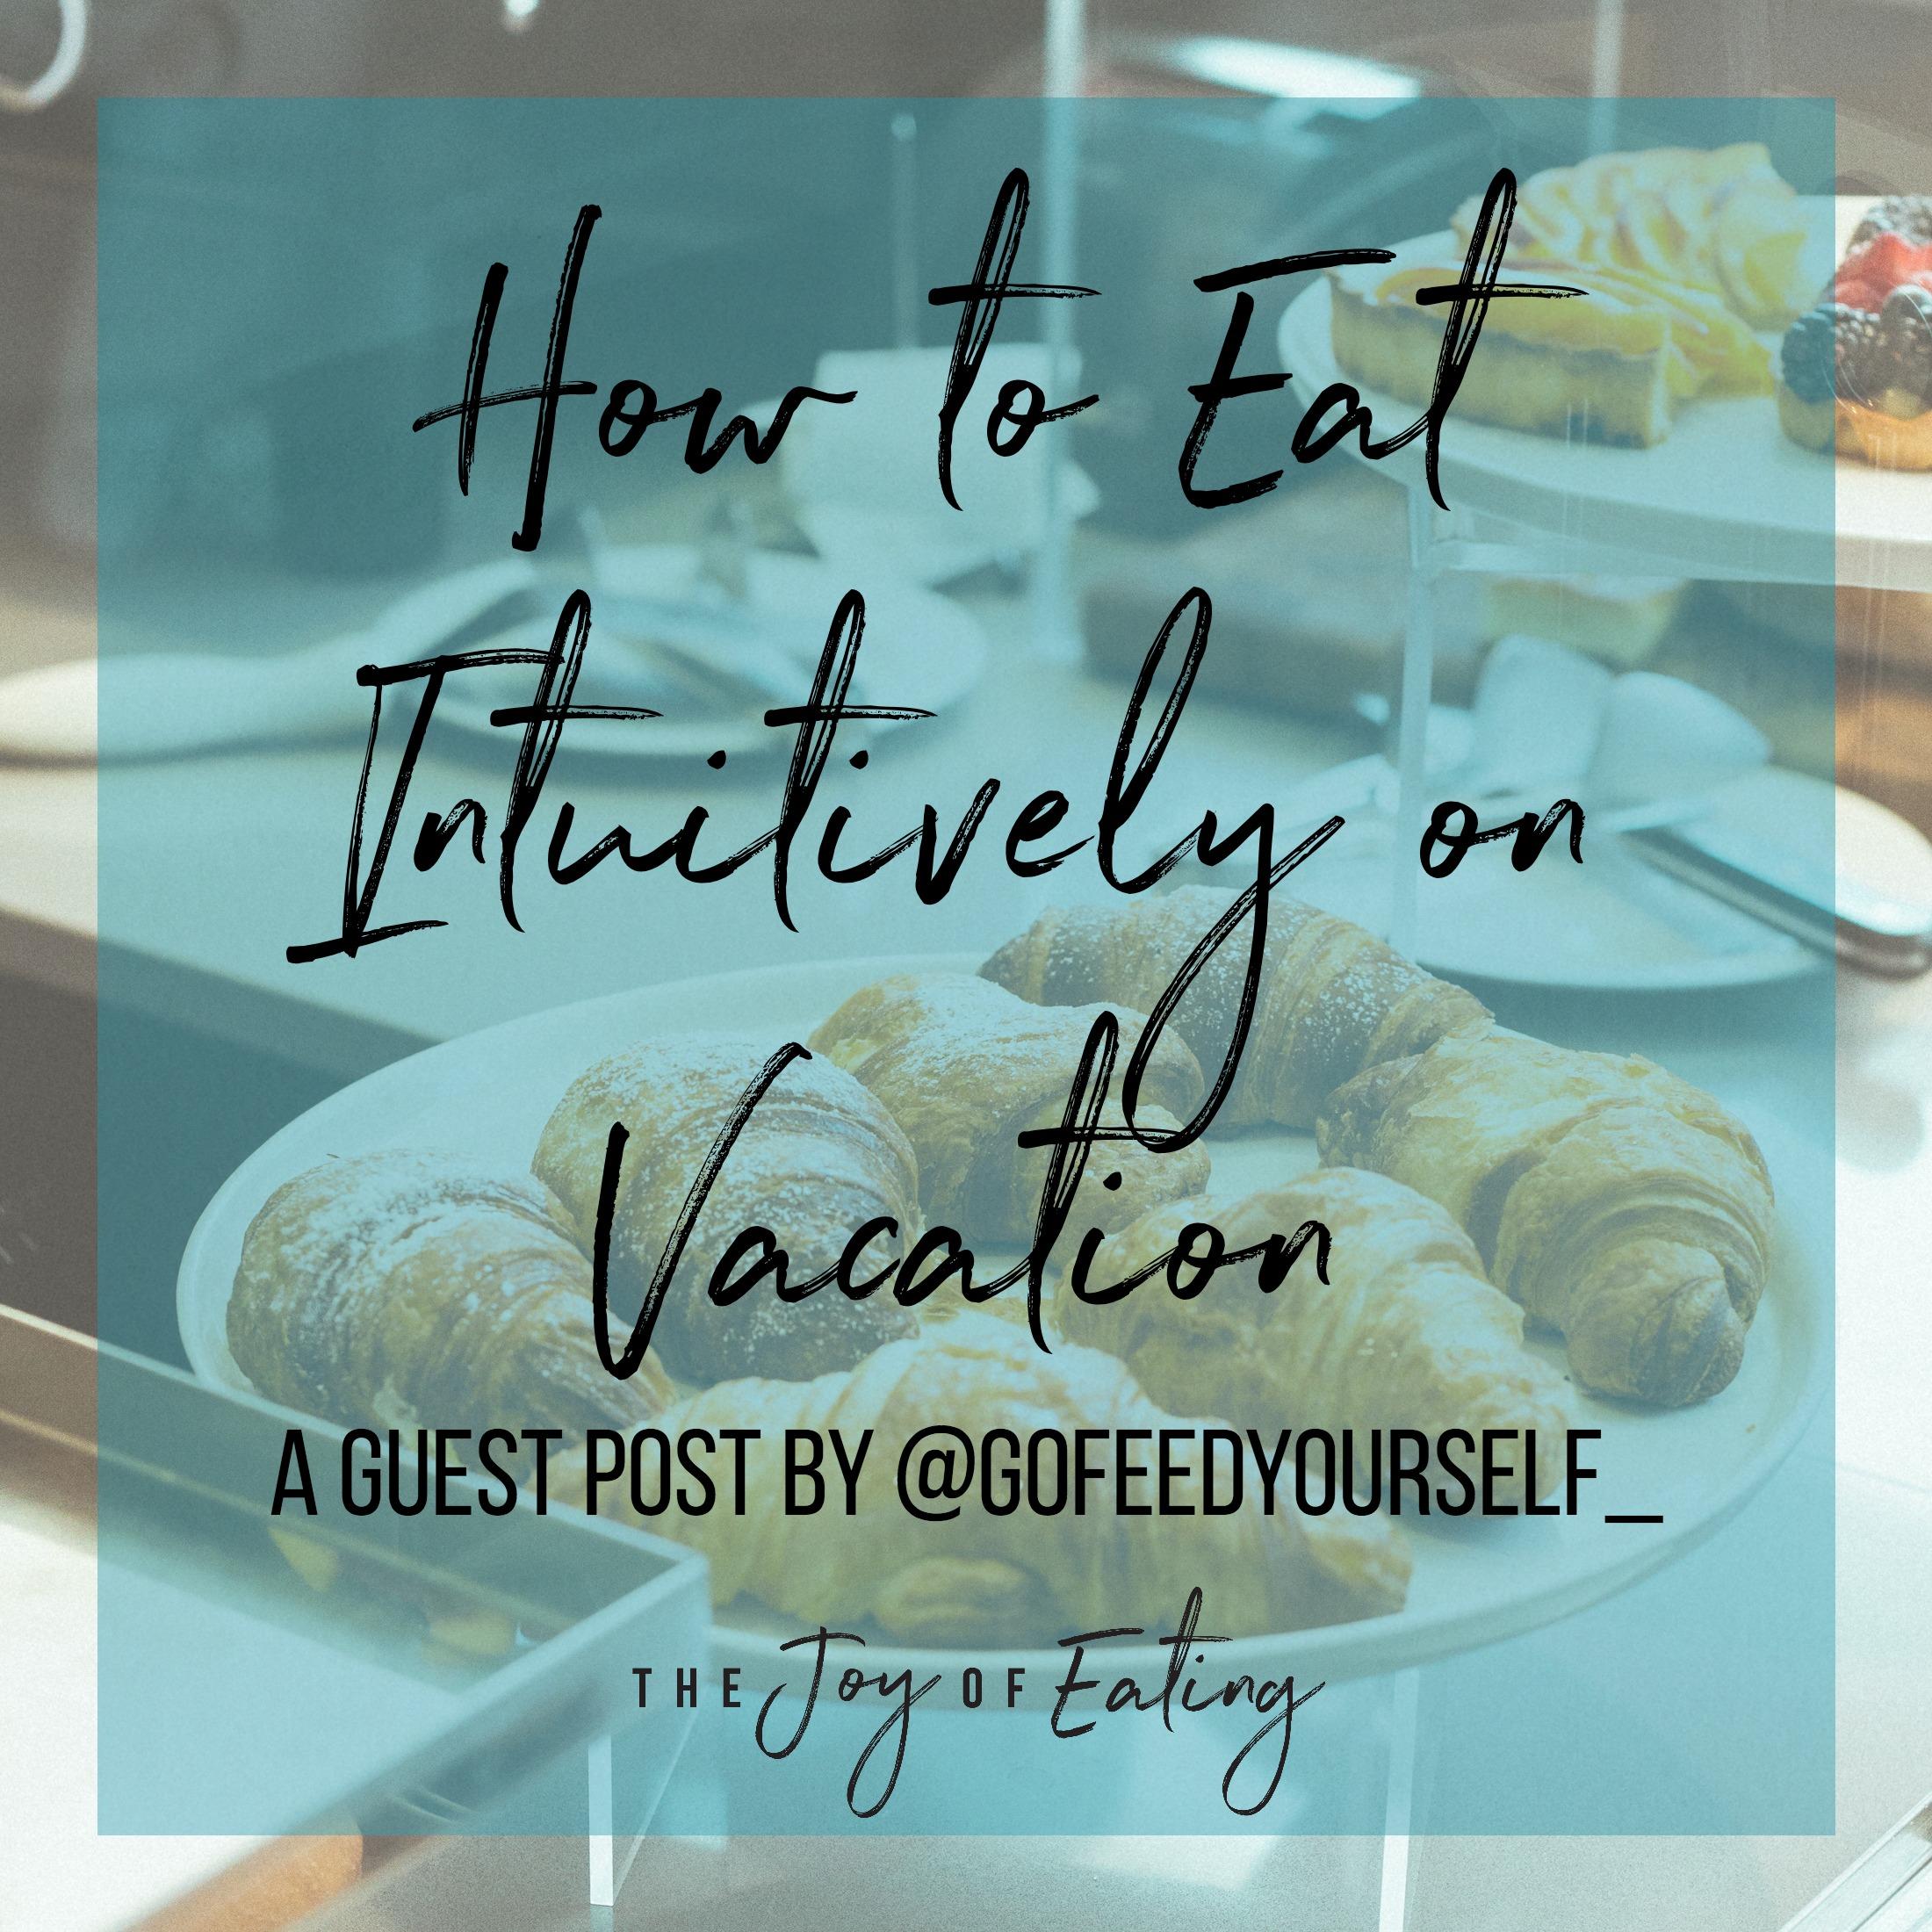 去度假吗?学会如何治疗自己的胃!########每天都不能生长,健康的健康#